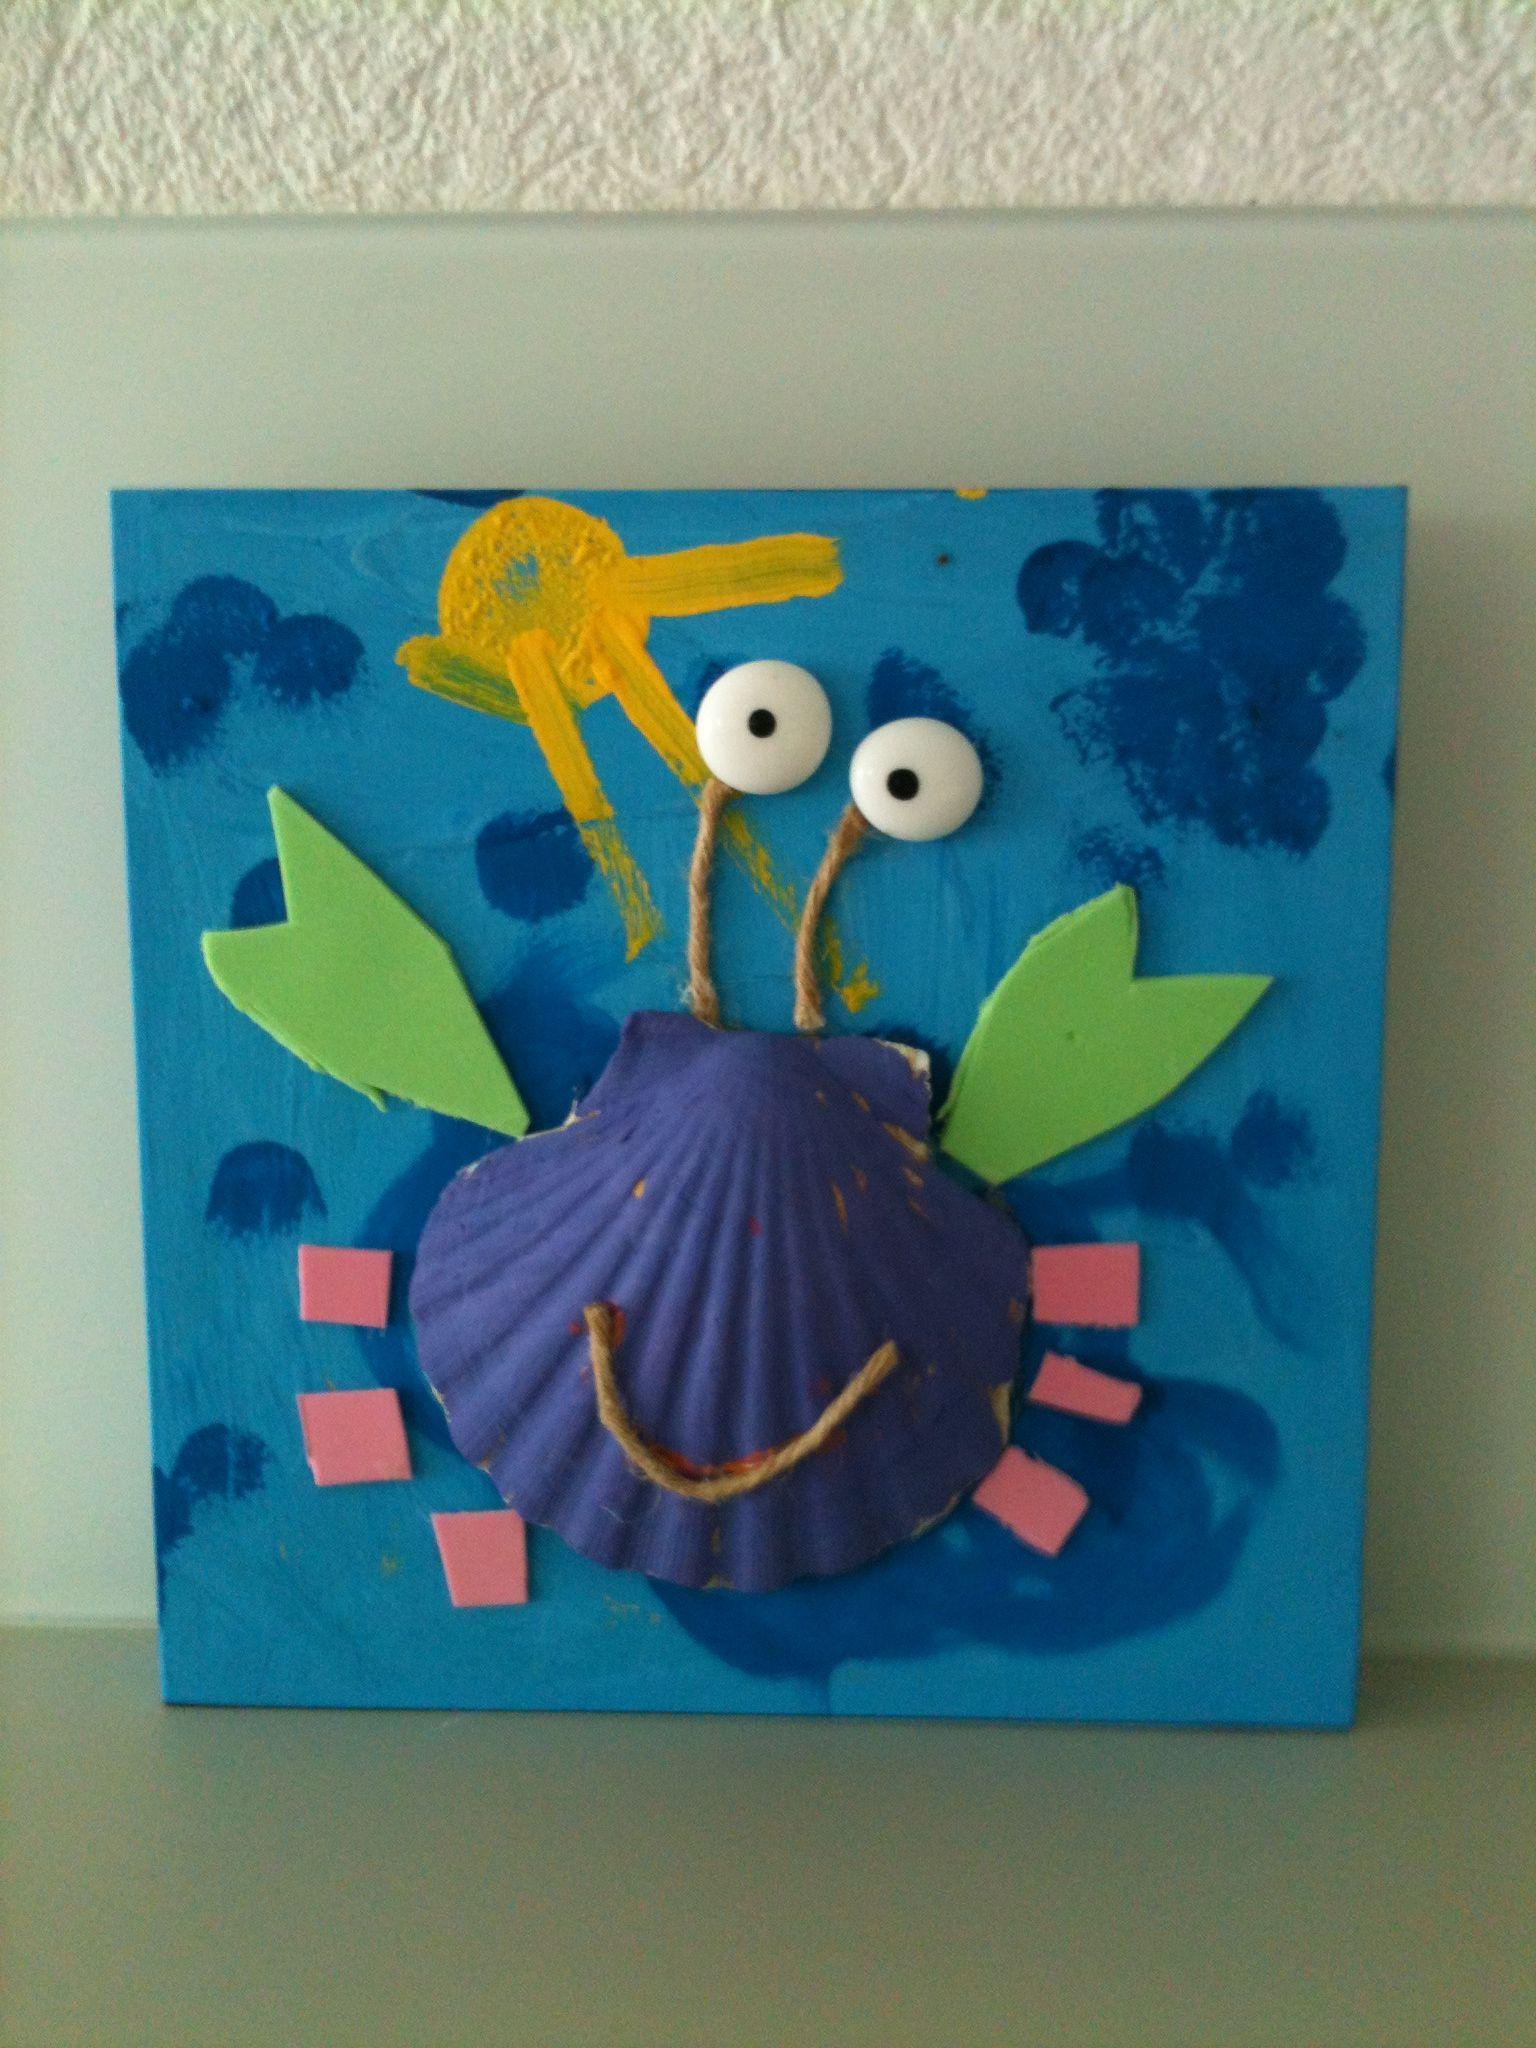 Bricolage crabe avec coquillage le crabe pinterest - Bricolage avec coquillage ...